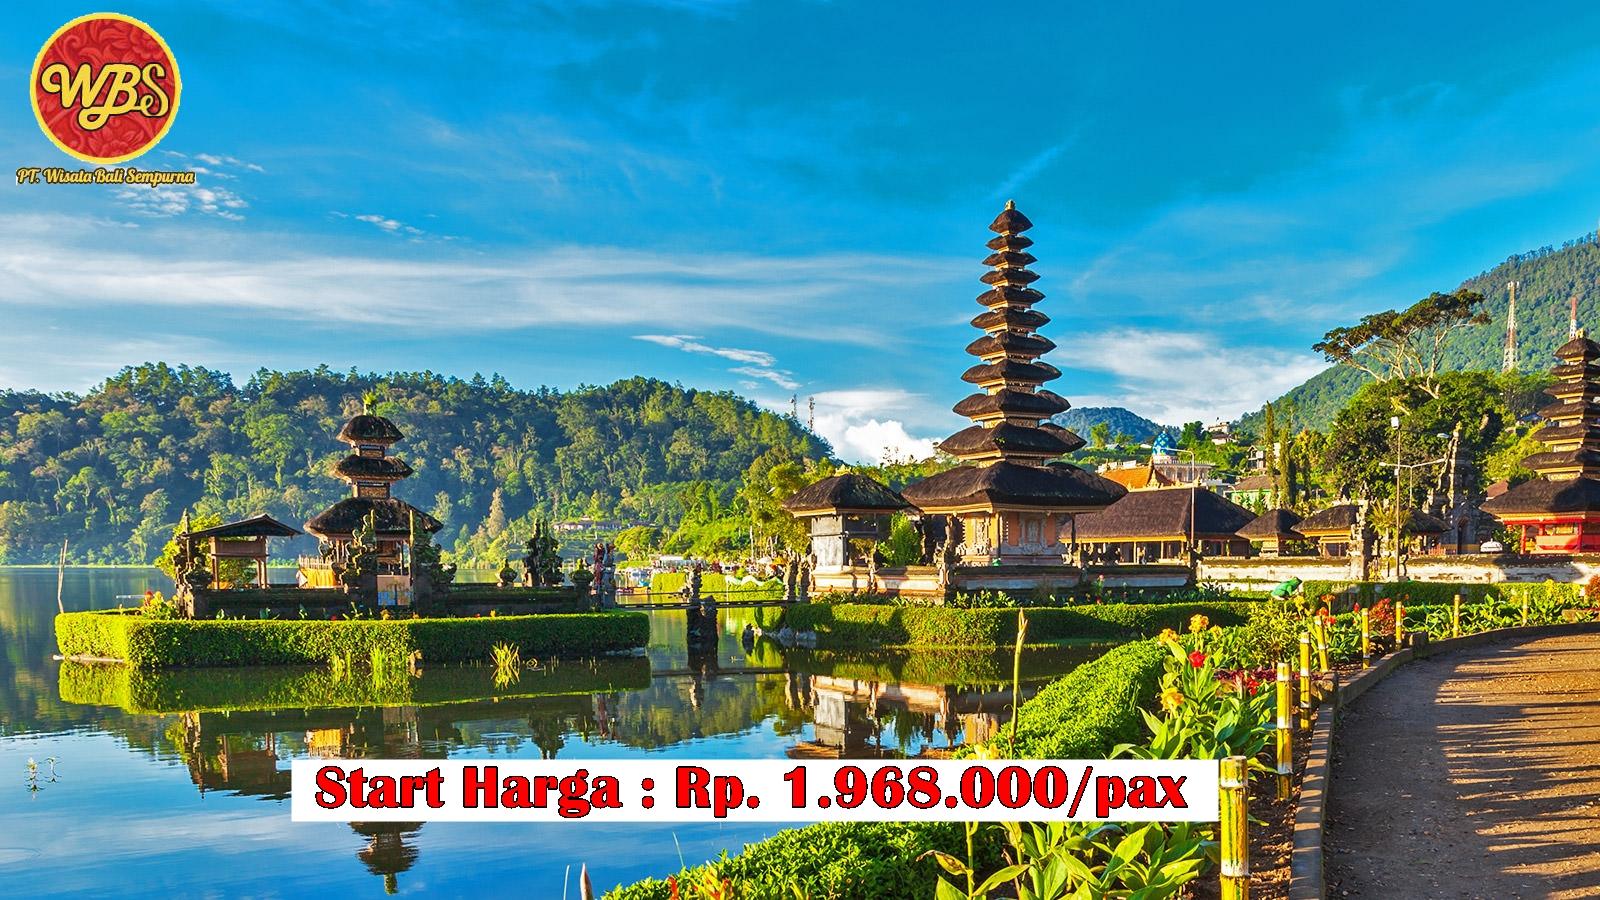 Paket Wisata Di Bali 4 Hari 3 Malam Edisi Spesial Beach Club Liburan Nusa Lembungan Dan Tour Ke Penida Yg Eksotik 2 1 Hemat Permalink